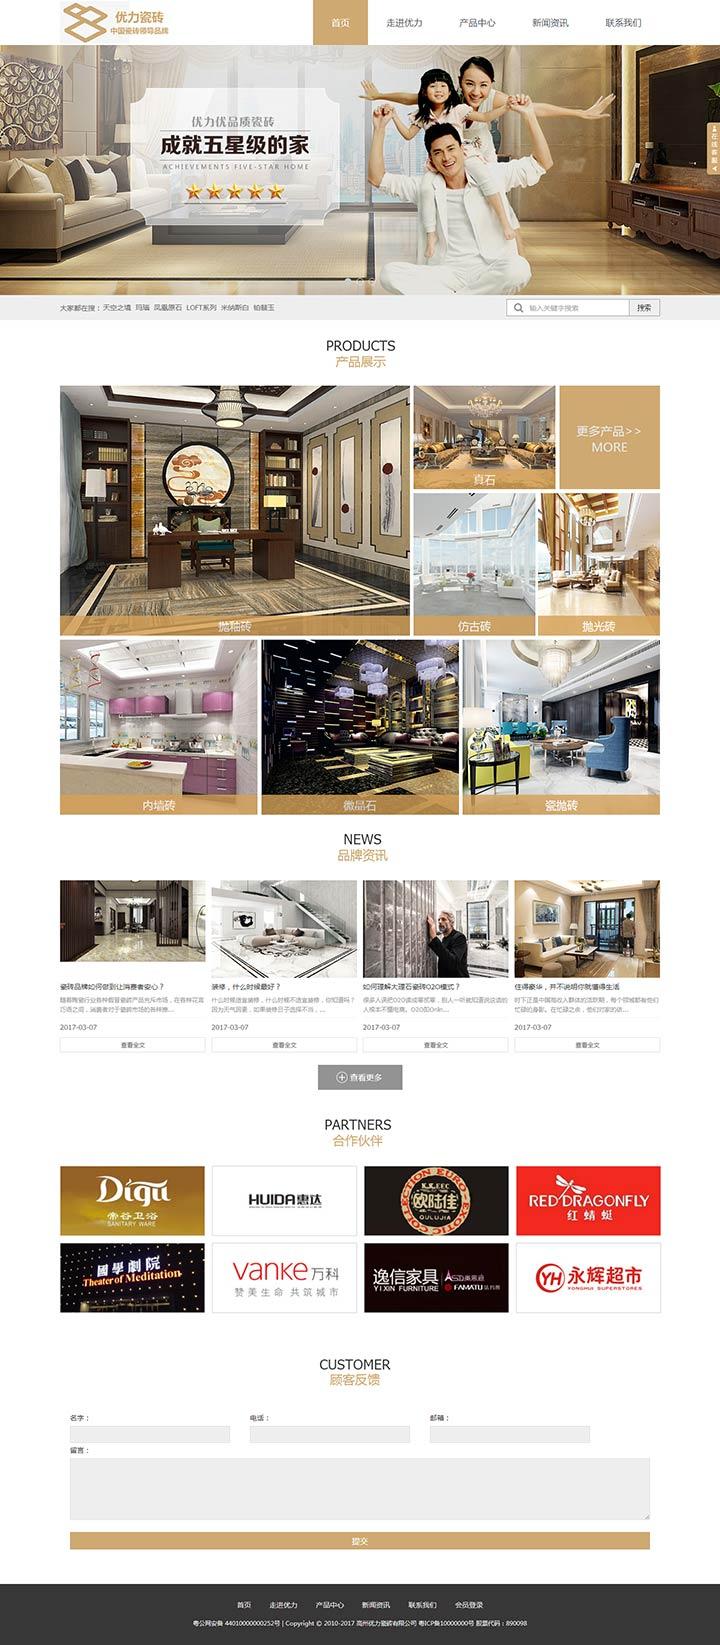 优力瓷砖展示型网站